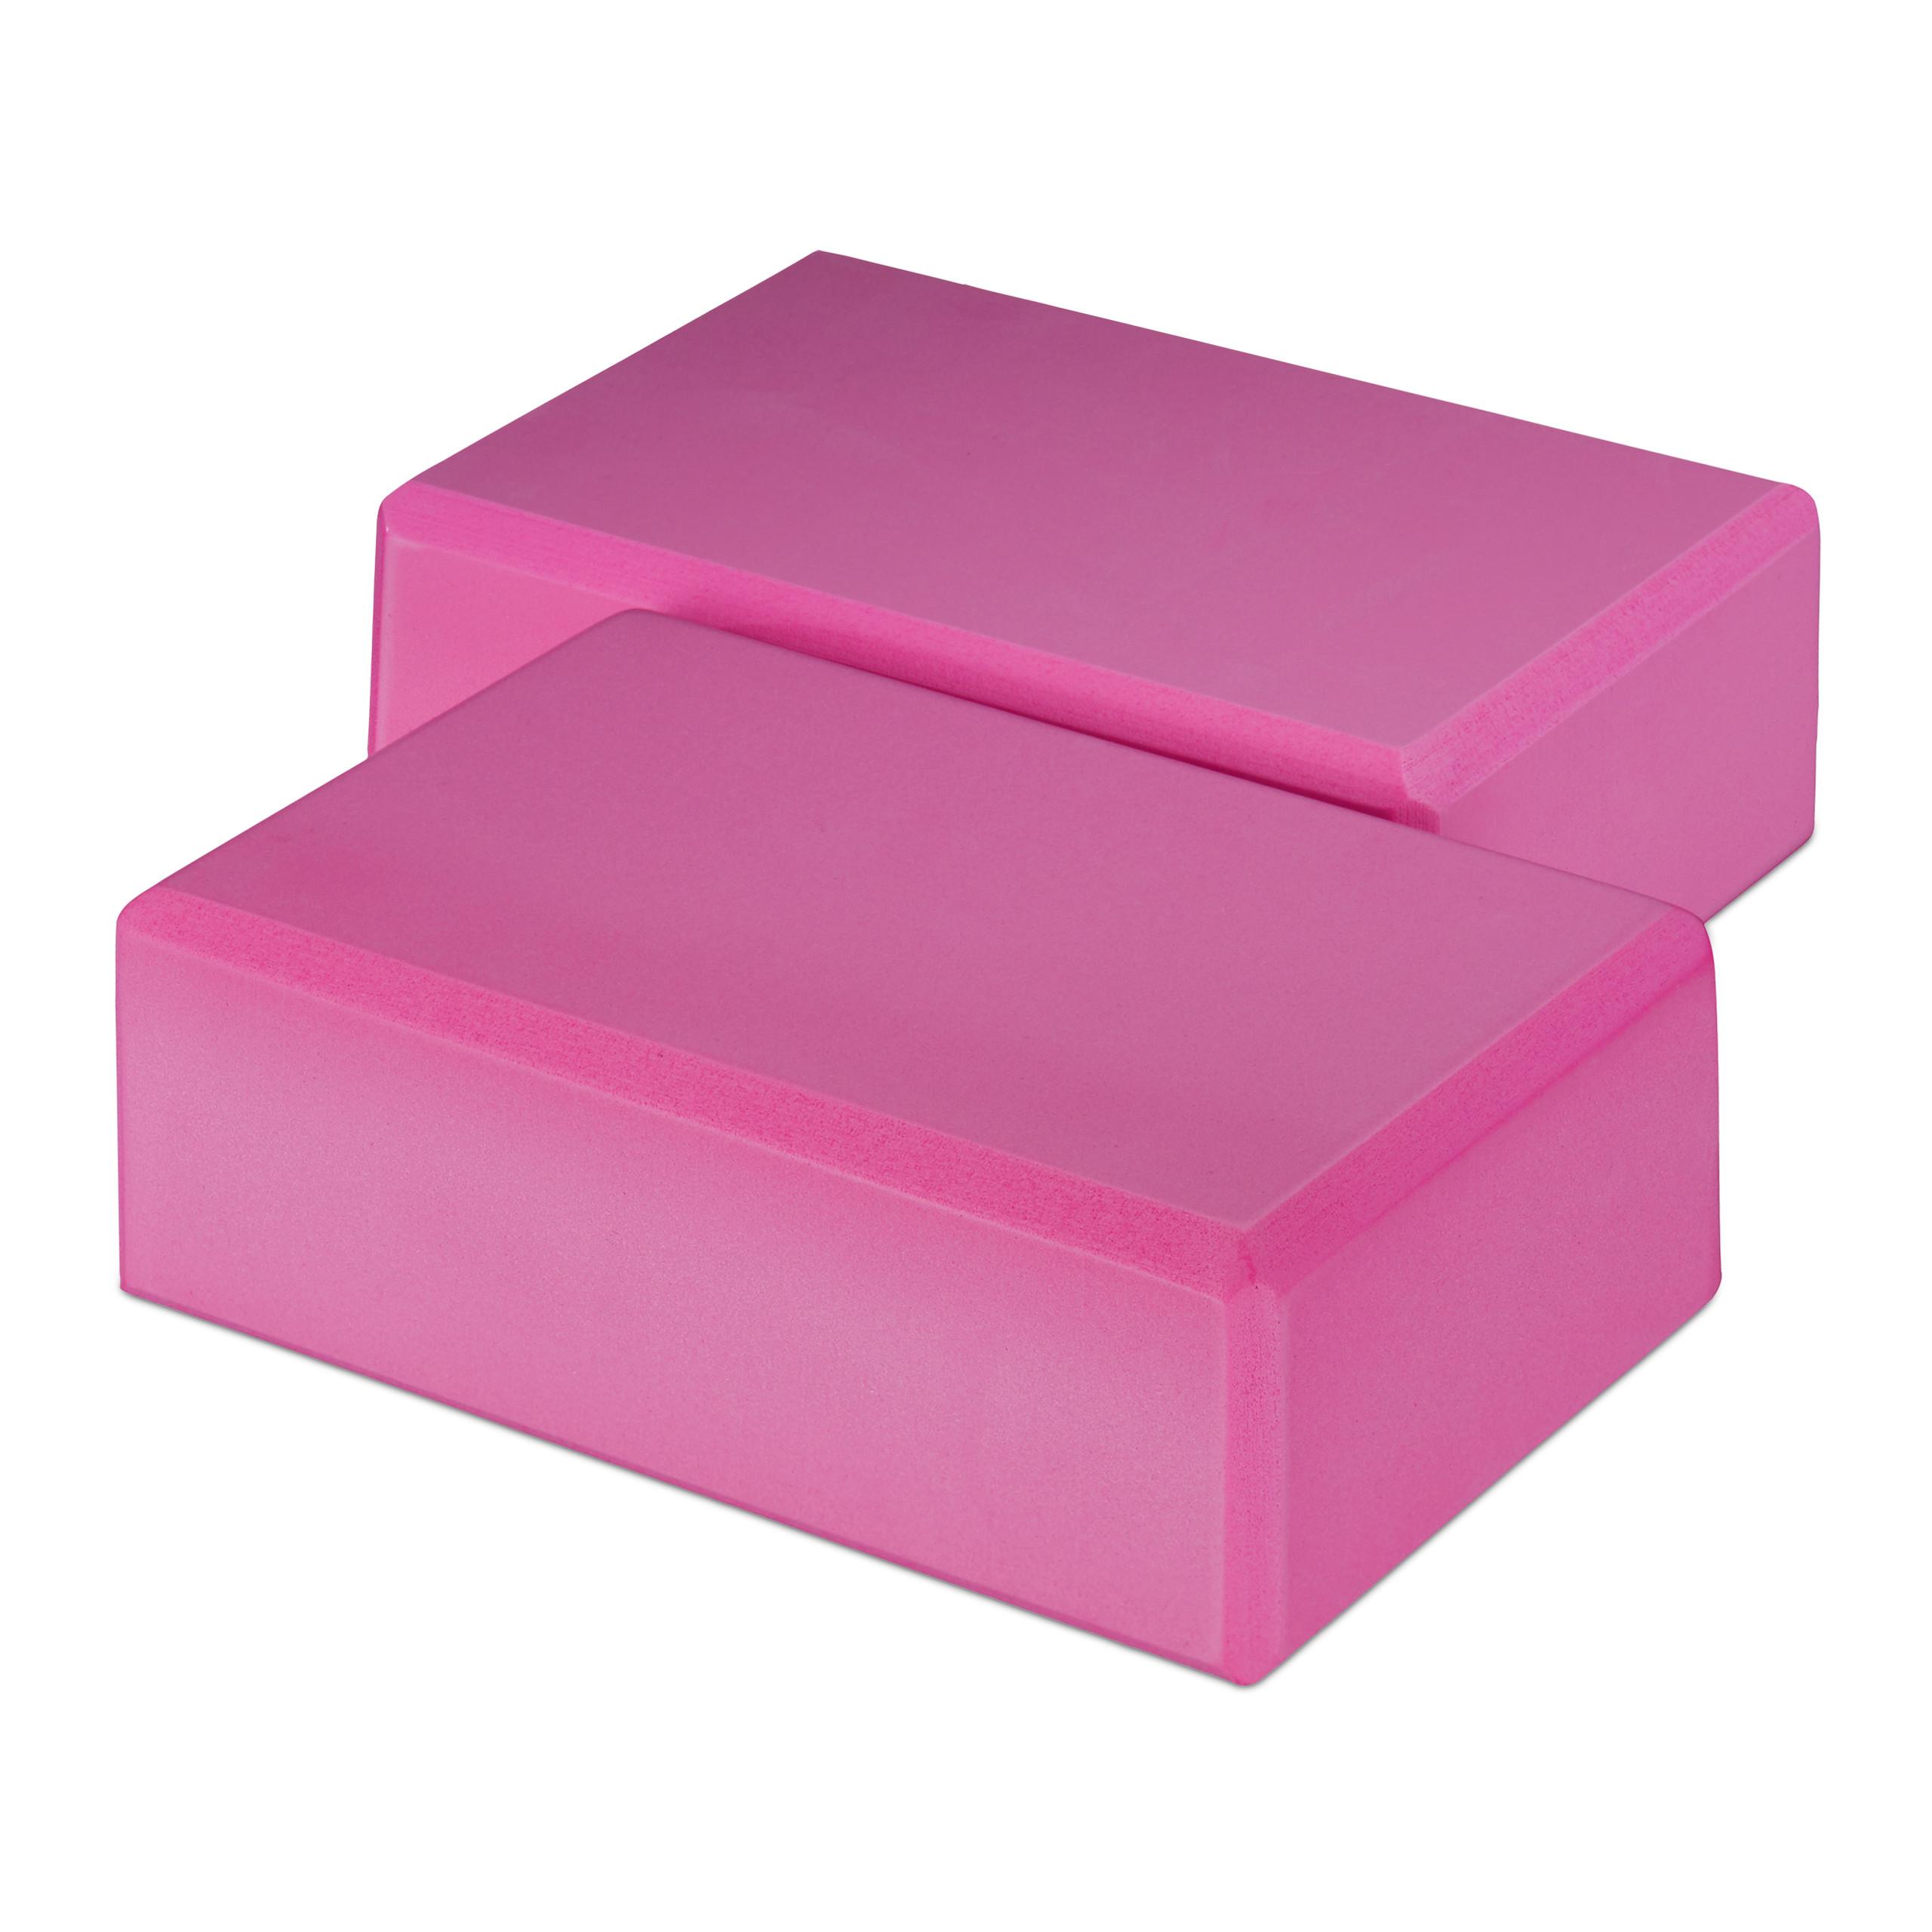 Pack-de-2-bloques-yoga-de-gomaespuma-Tacos-yoga-en-varios-colores-Ladrillos-yoga miniatura 22